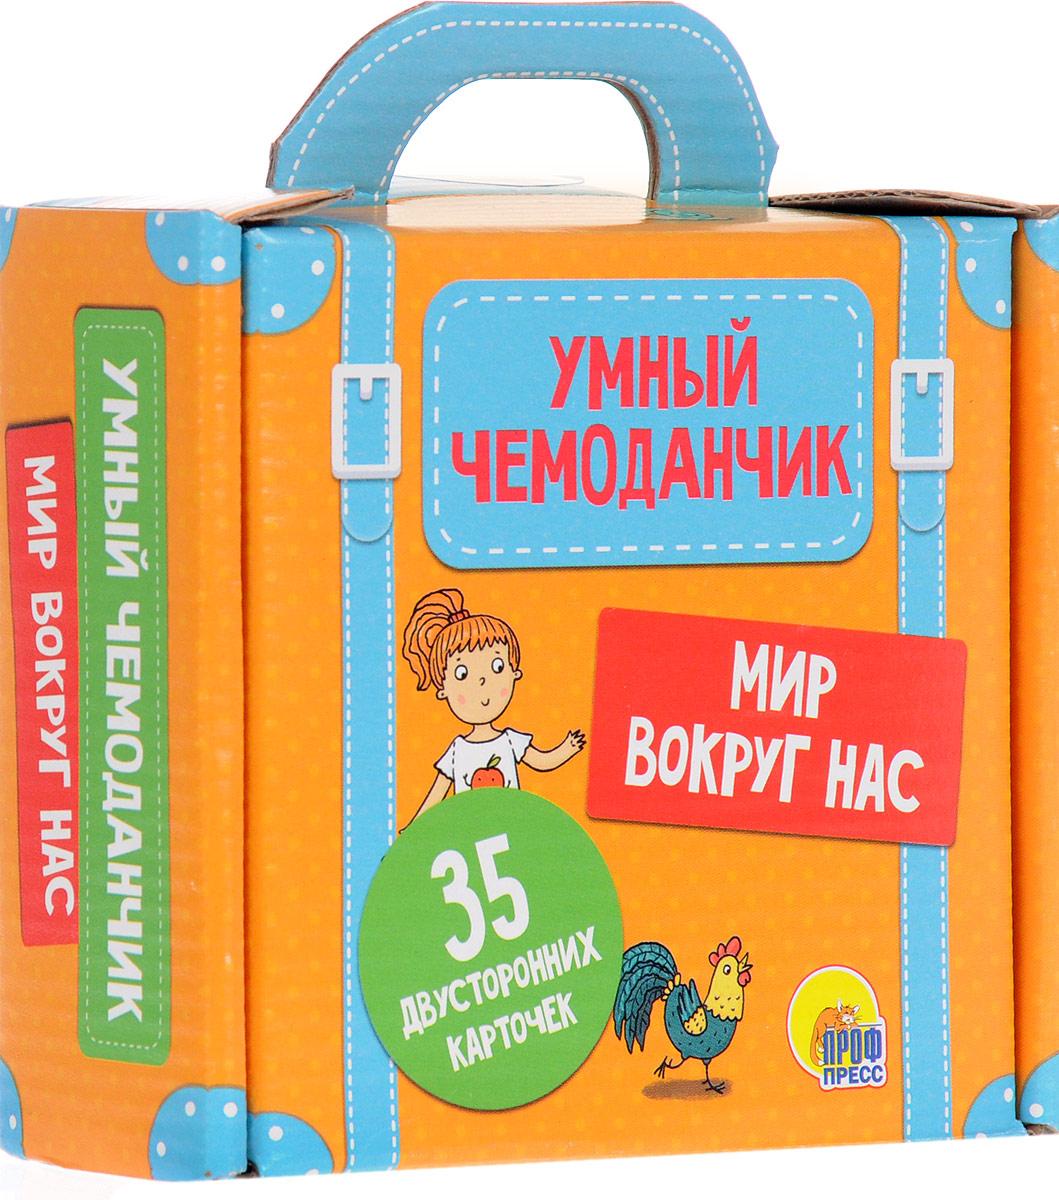 Проф-пресс Обучающие карточки Умный чемоданчик Мир вокруг нас мир вокруг нас энциклопедия